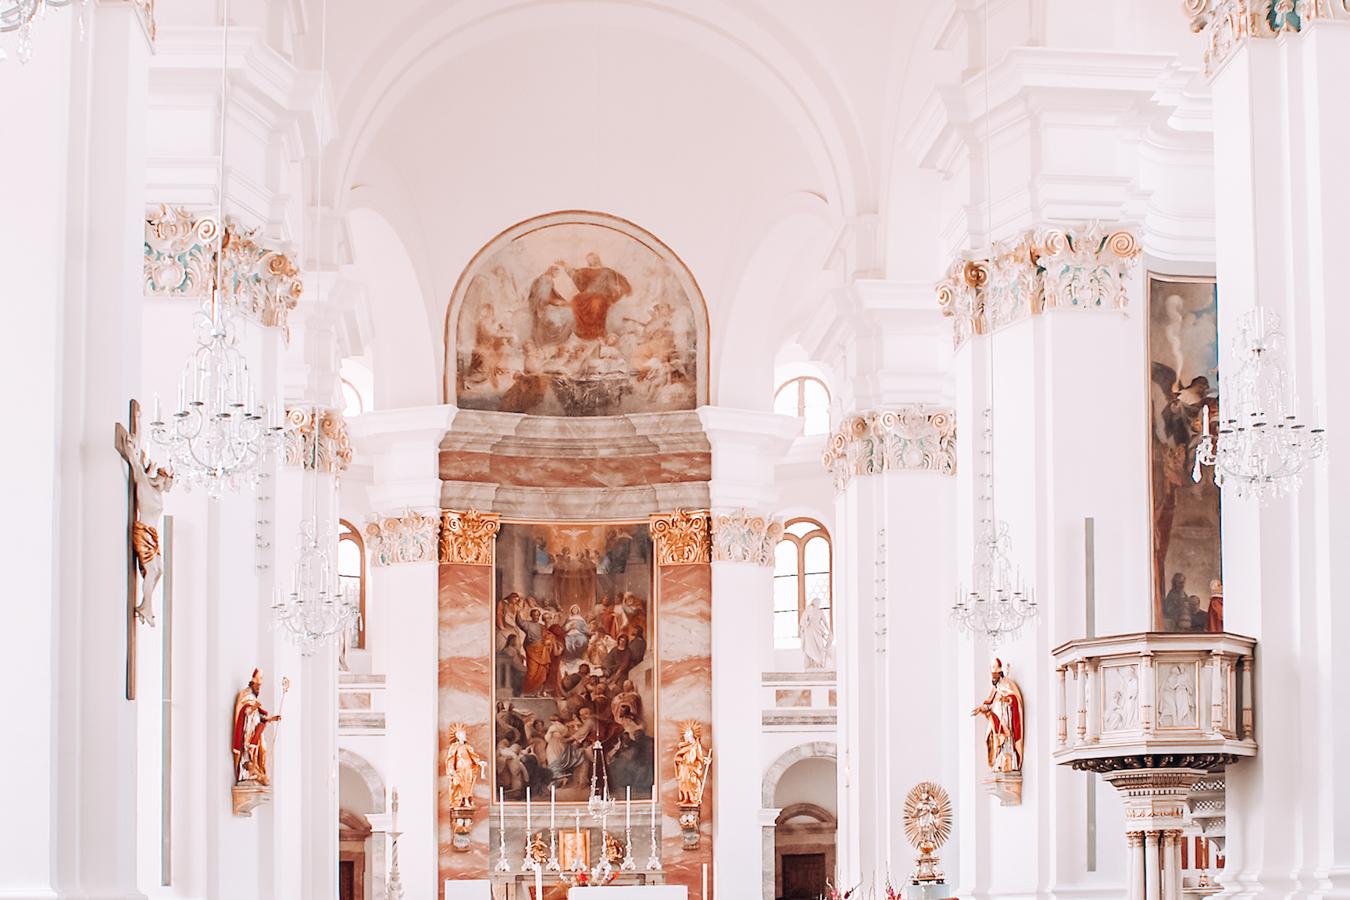 Jesuit Church in Heidelberg